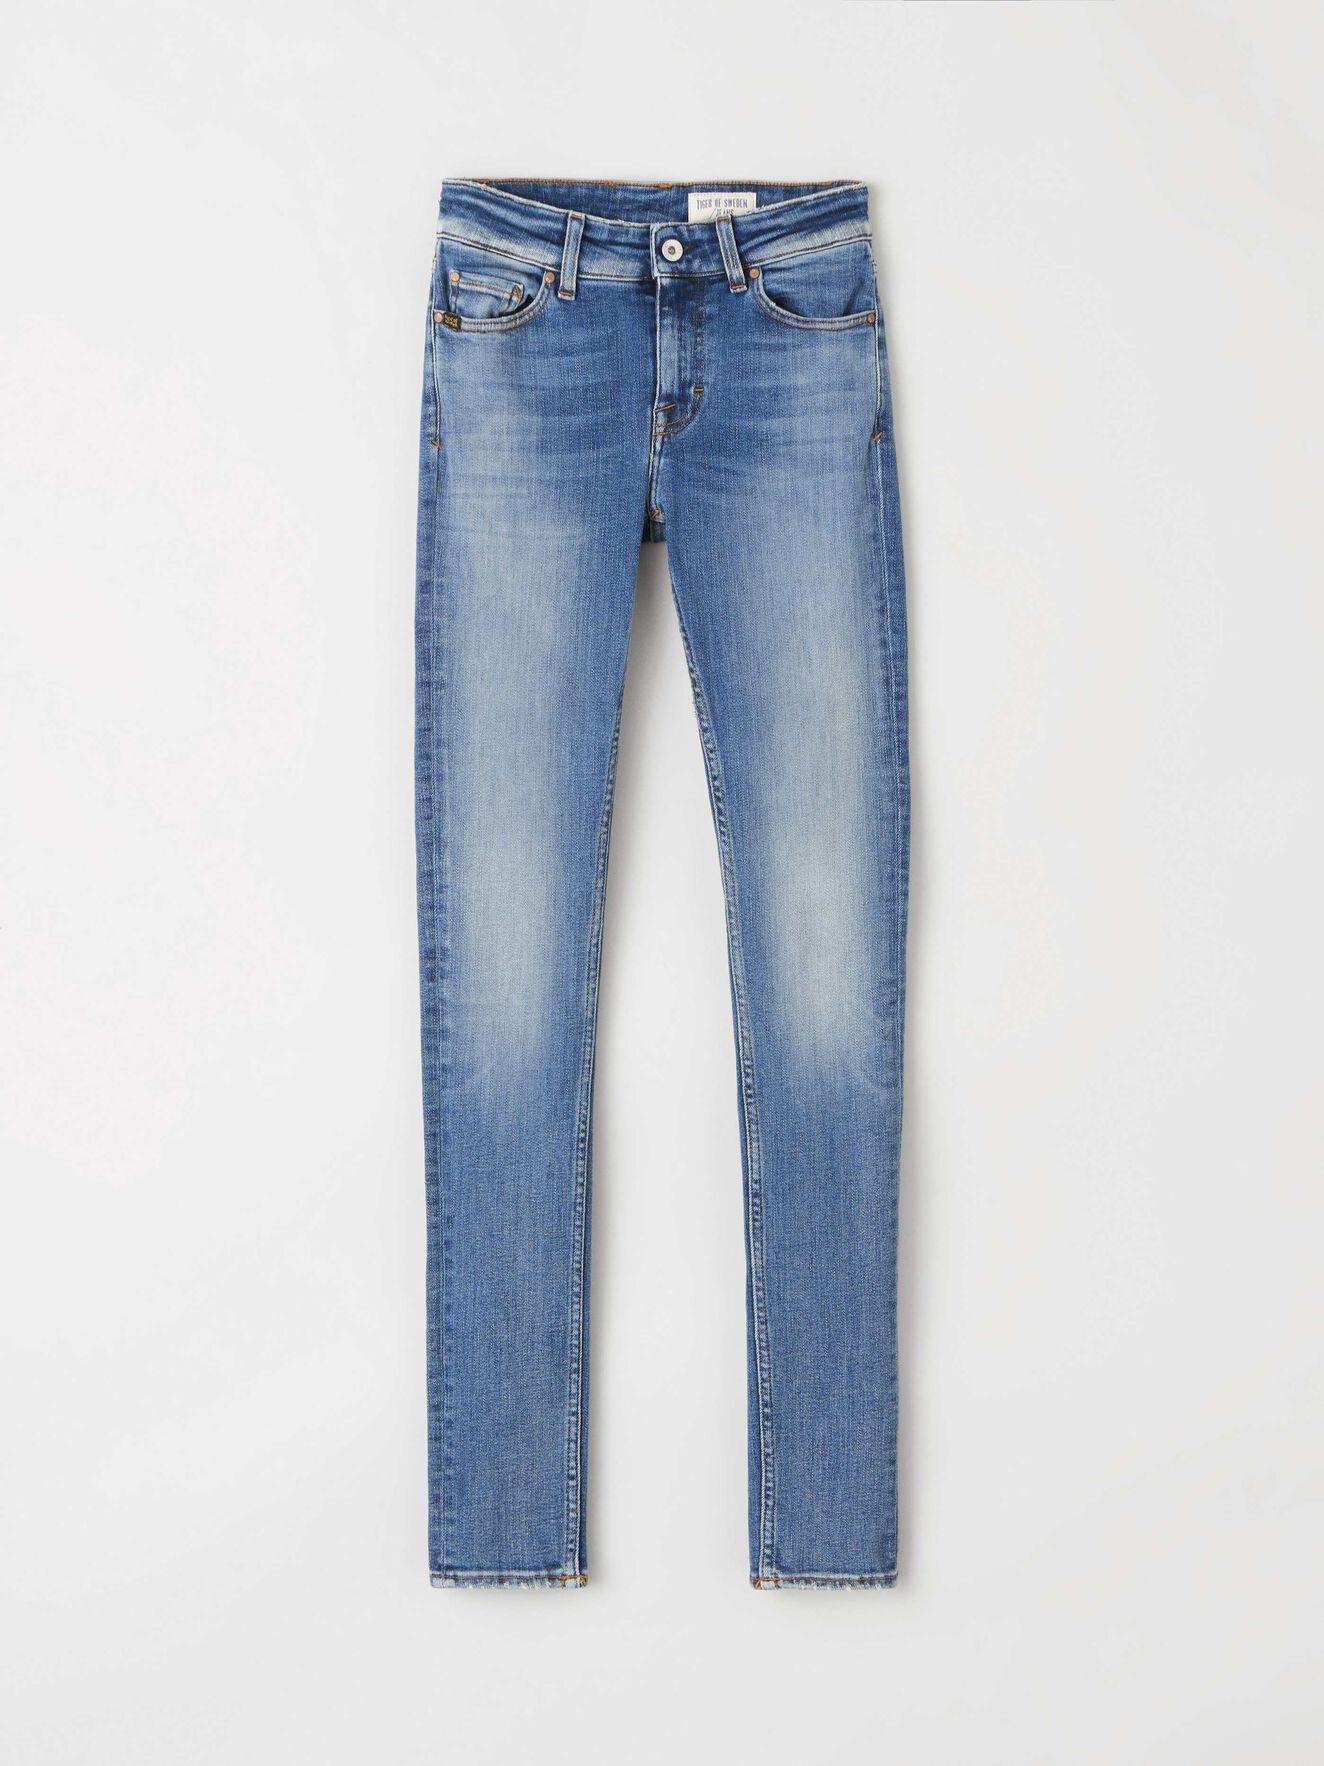 59c6fe733b3b44 Jeans - Buy women's designer jeans at Tiger of Sweden